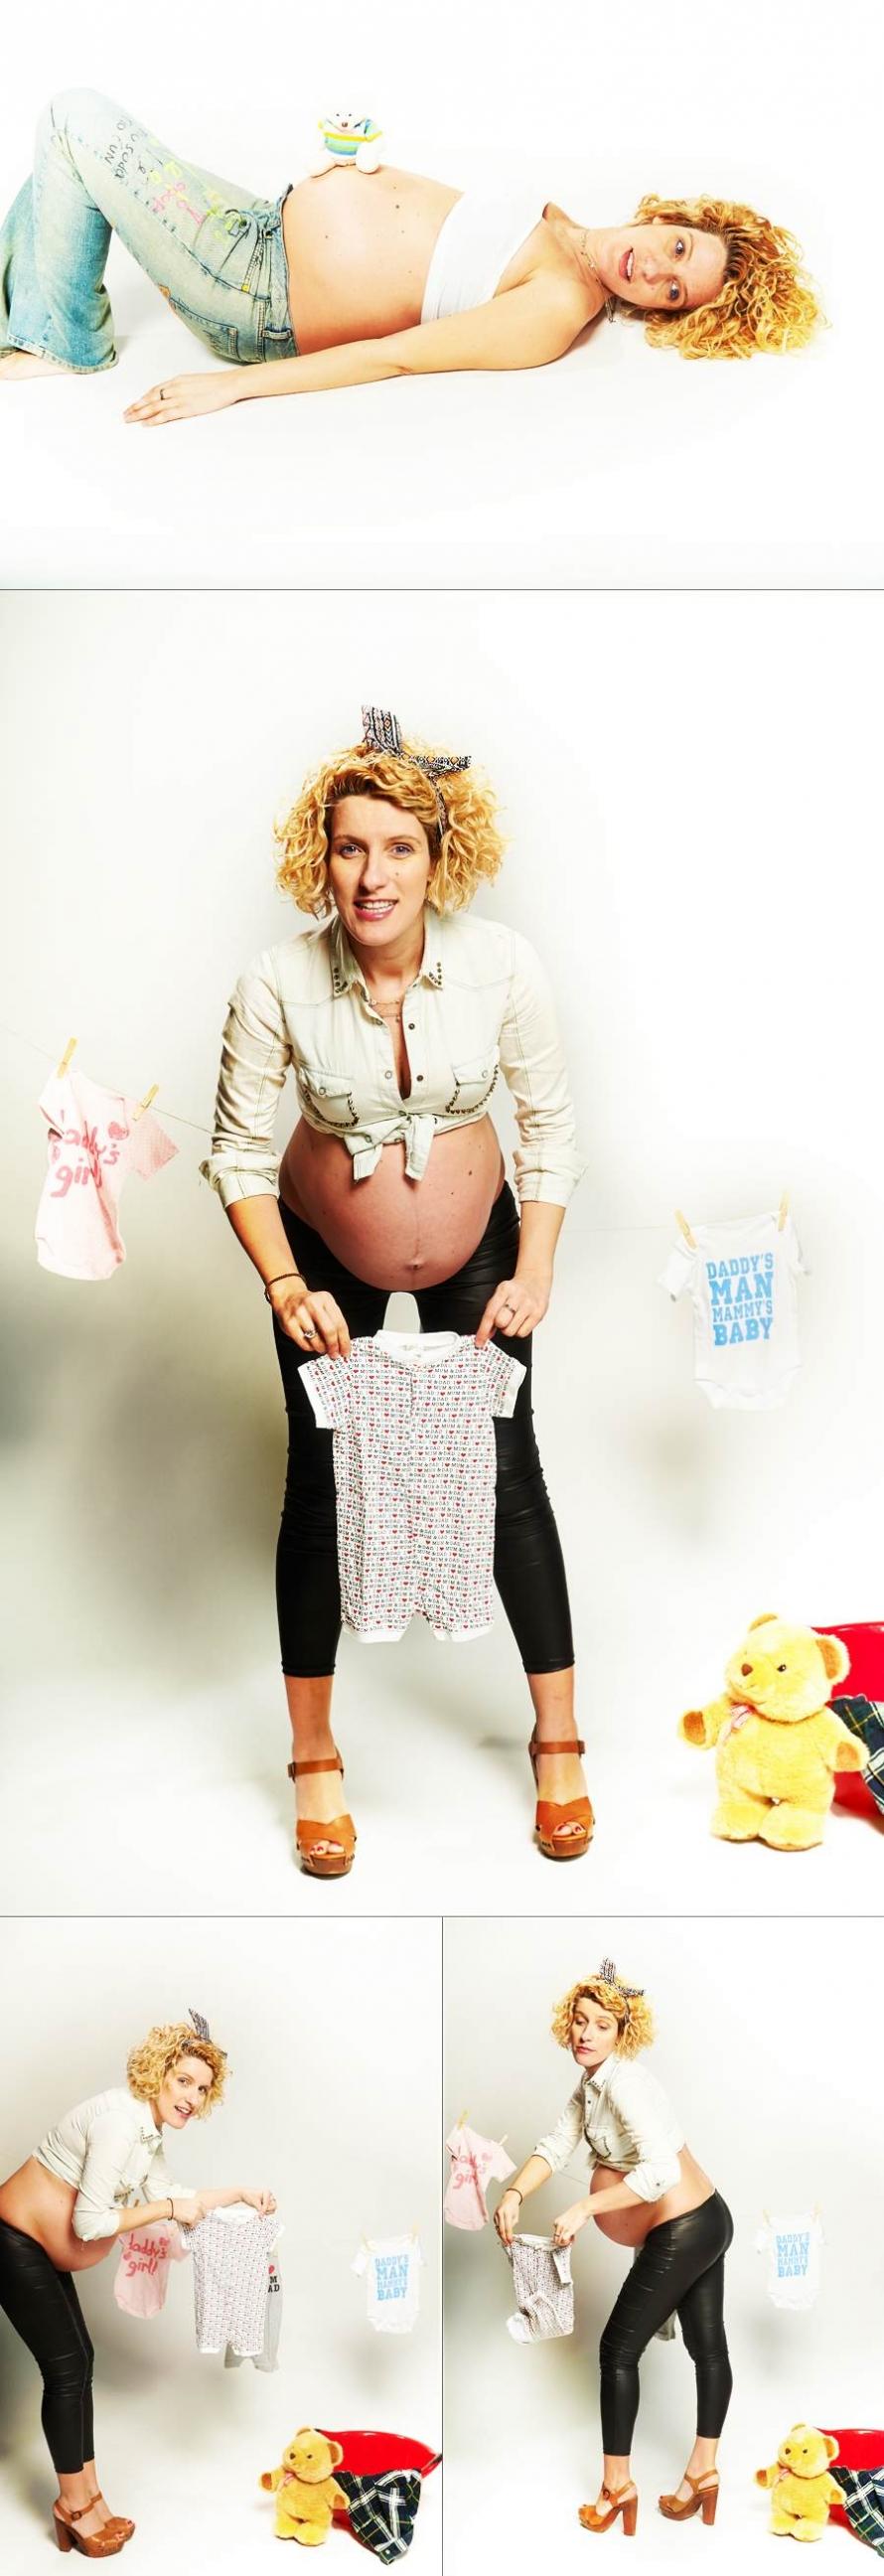 Ilias Maria maternity photos 09